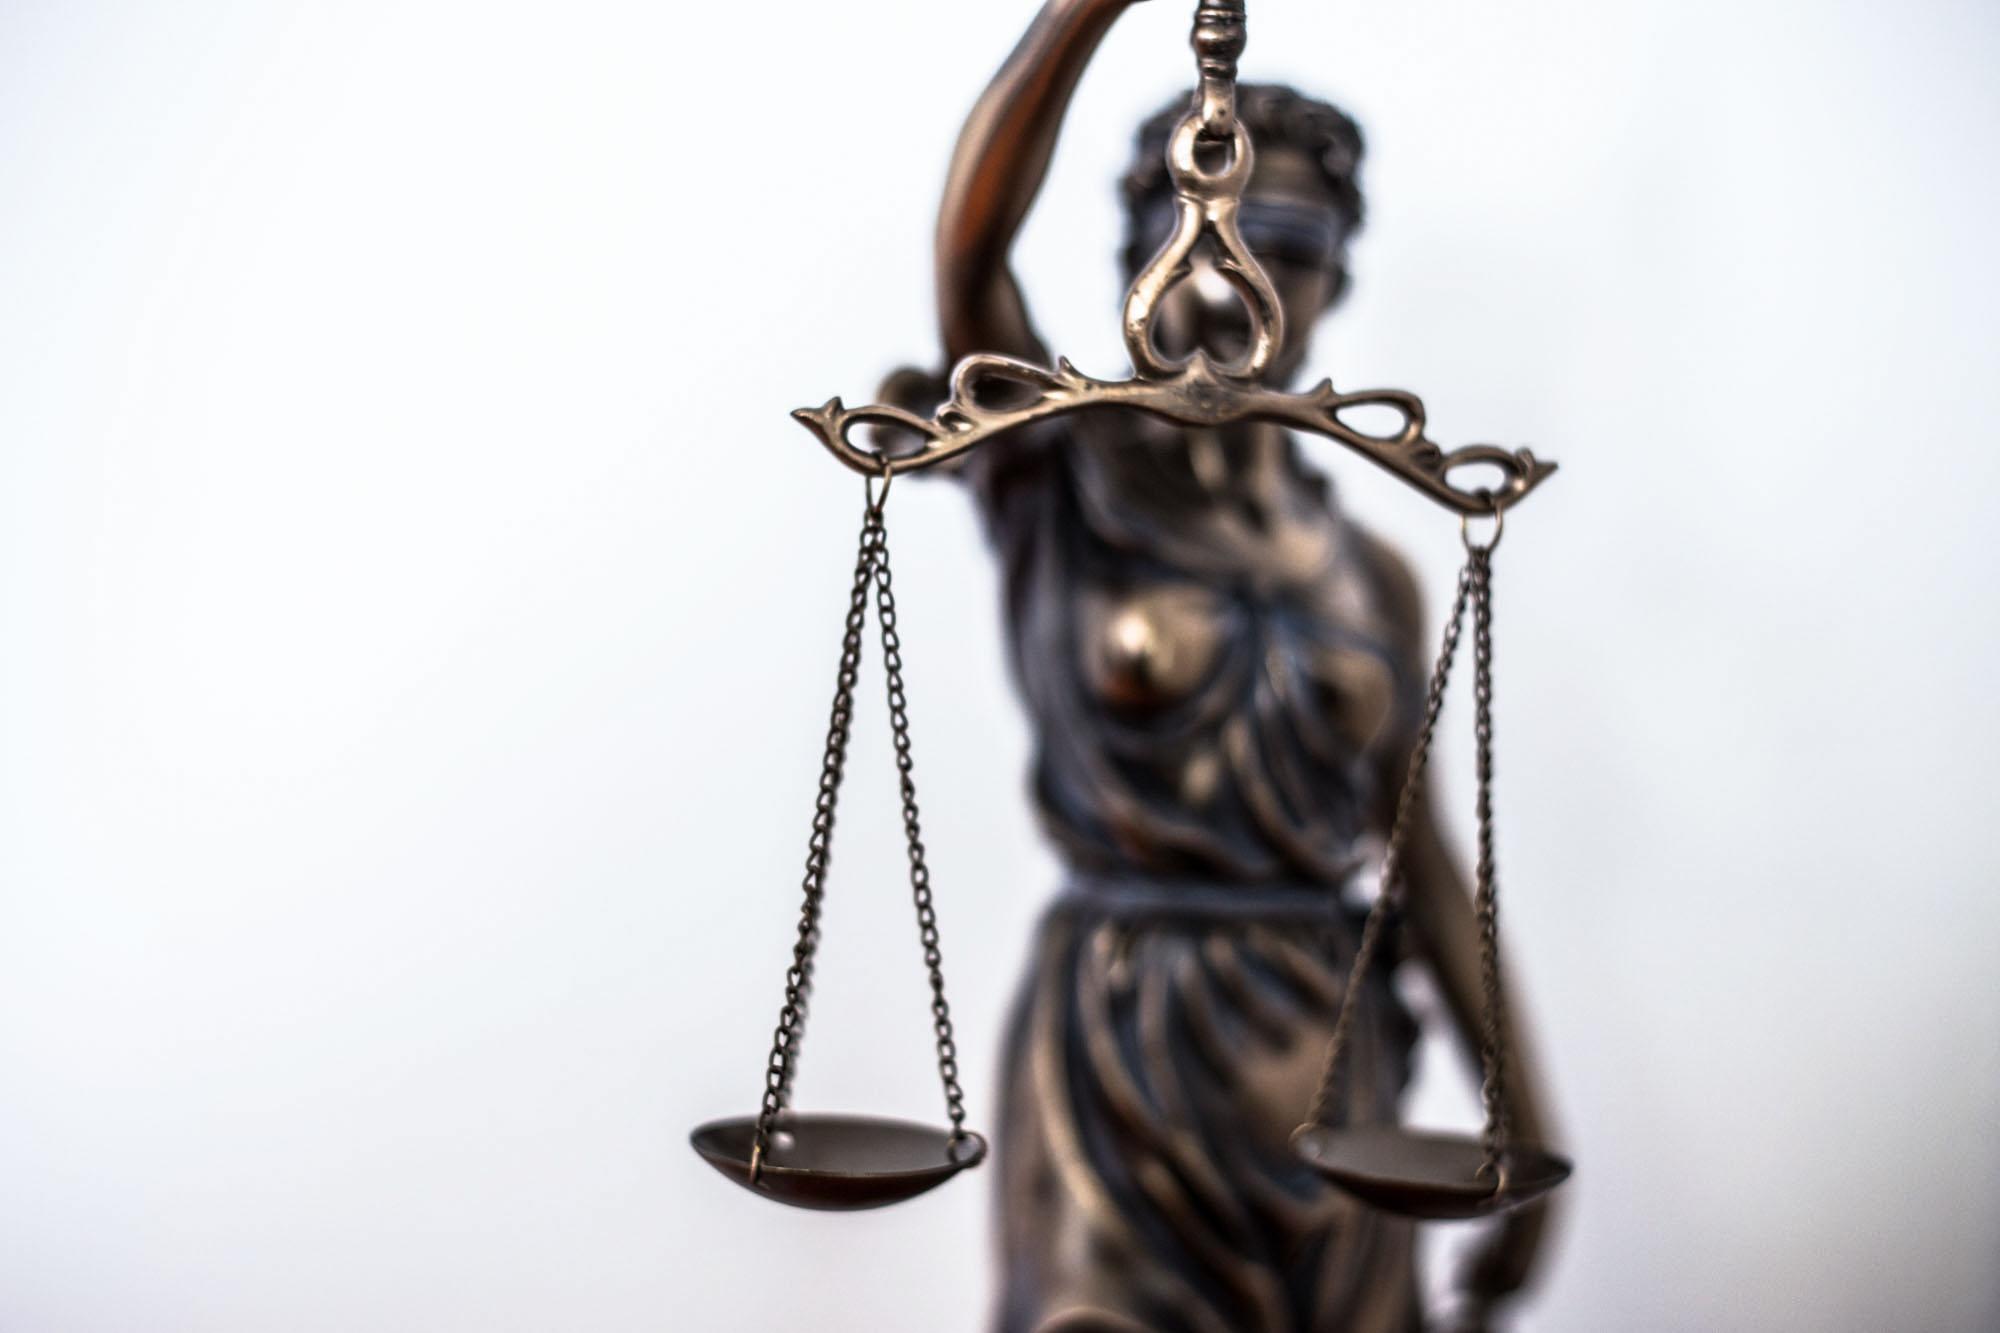 Statue der Lady Justice mit Waage der Gerechtigkeit